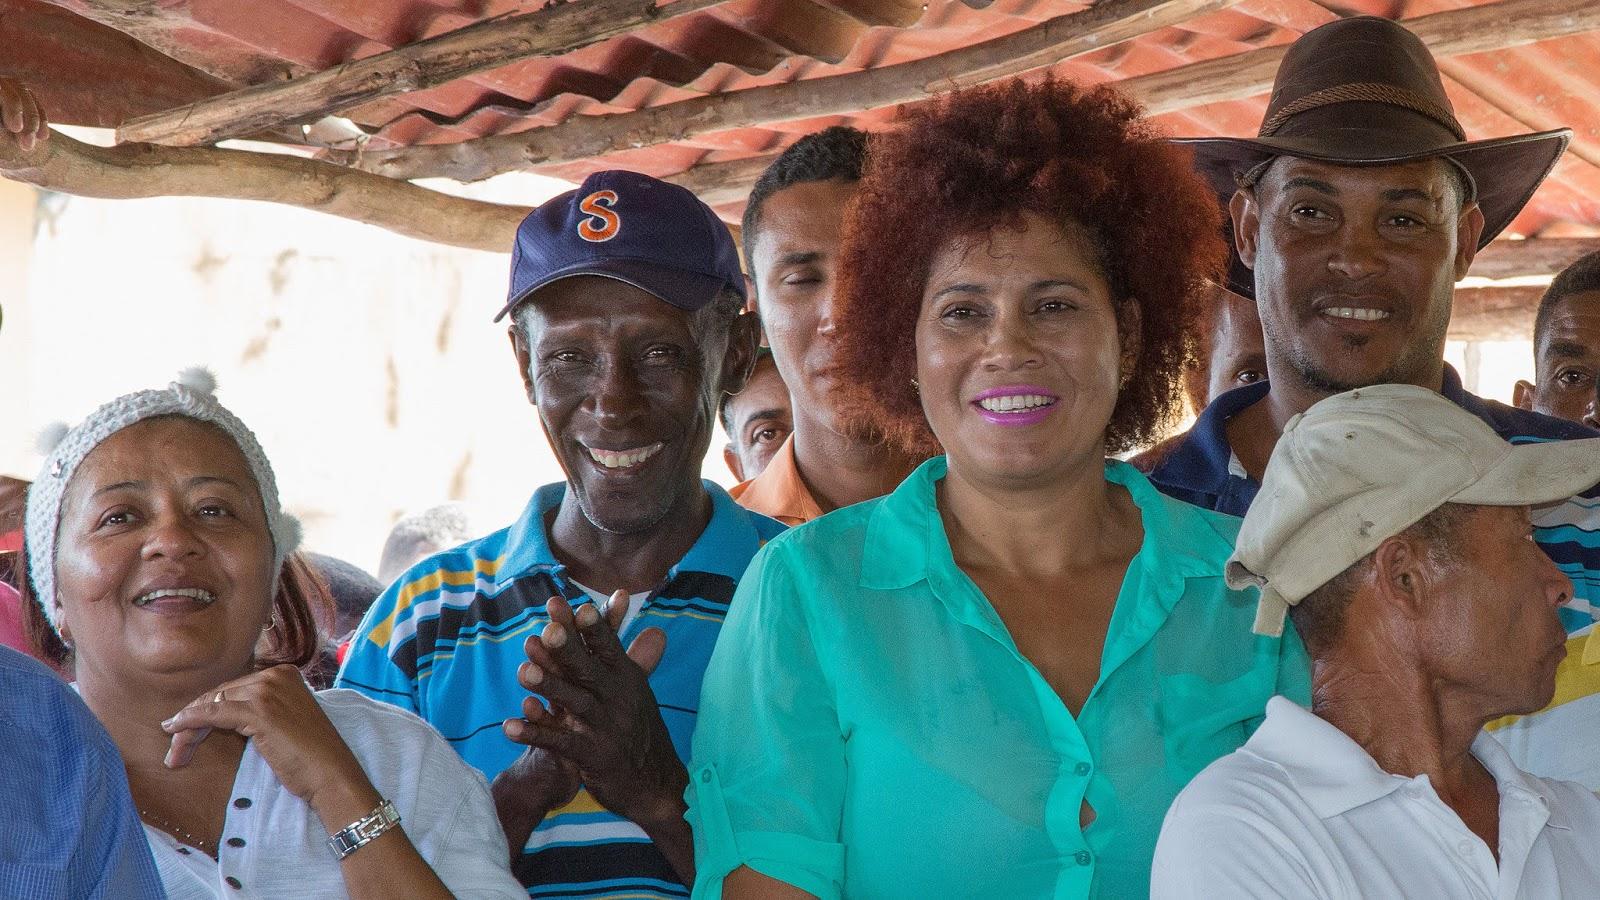 Comisión presidencial se reúne con productores de Mata de Palma; da seguimiento a Visita Sorpresa